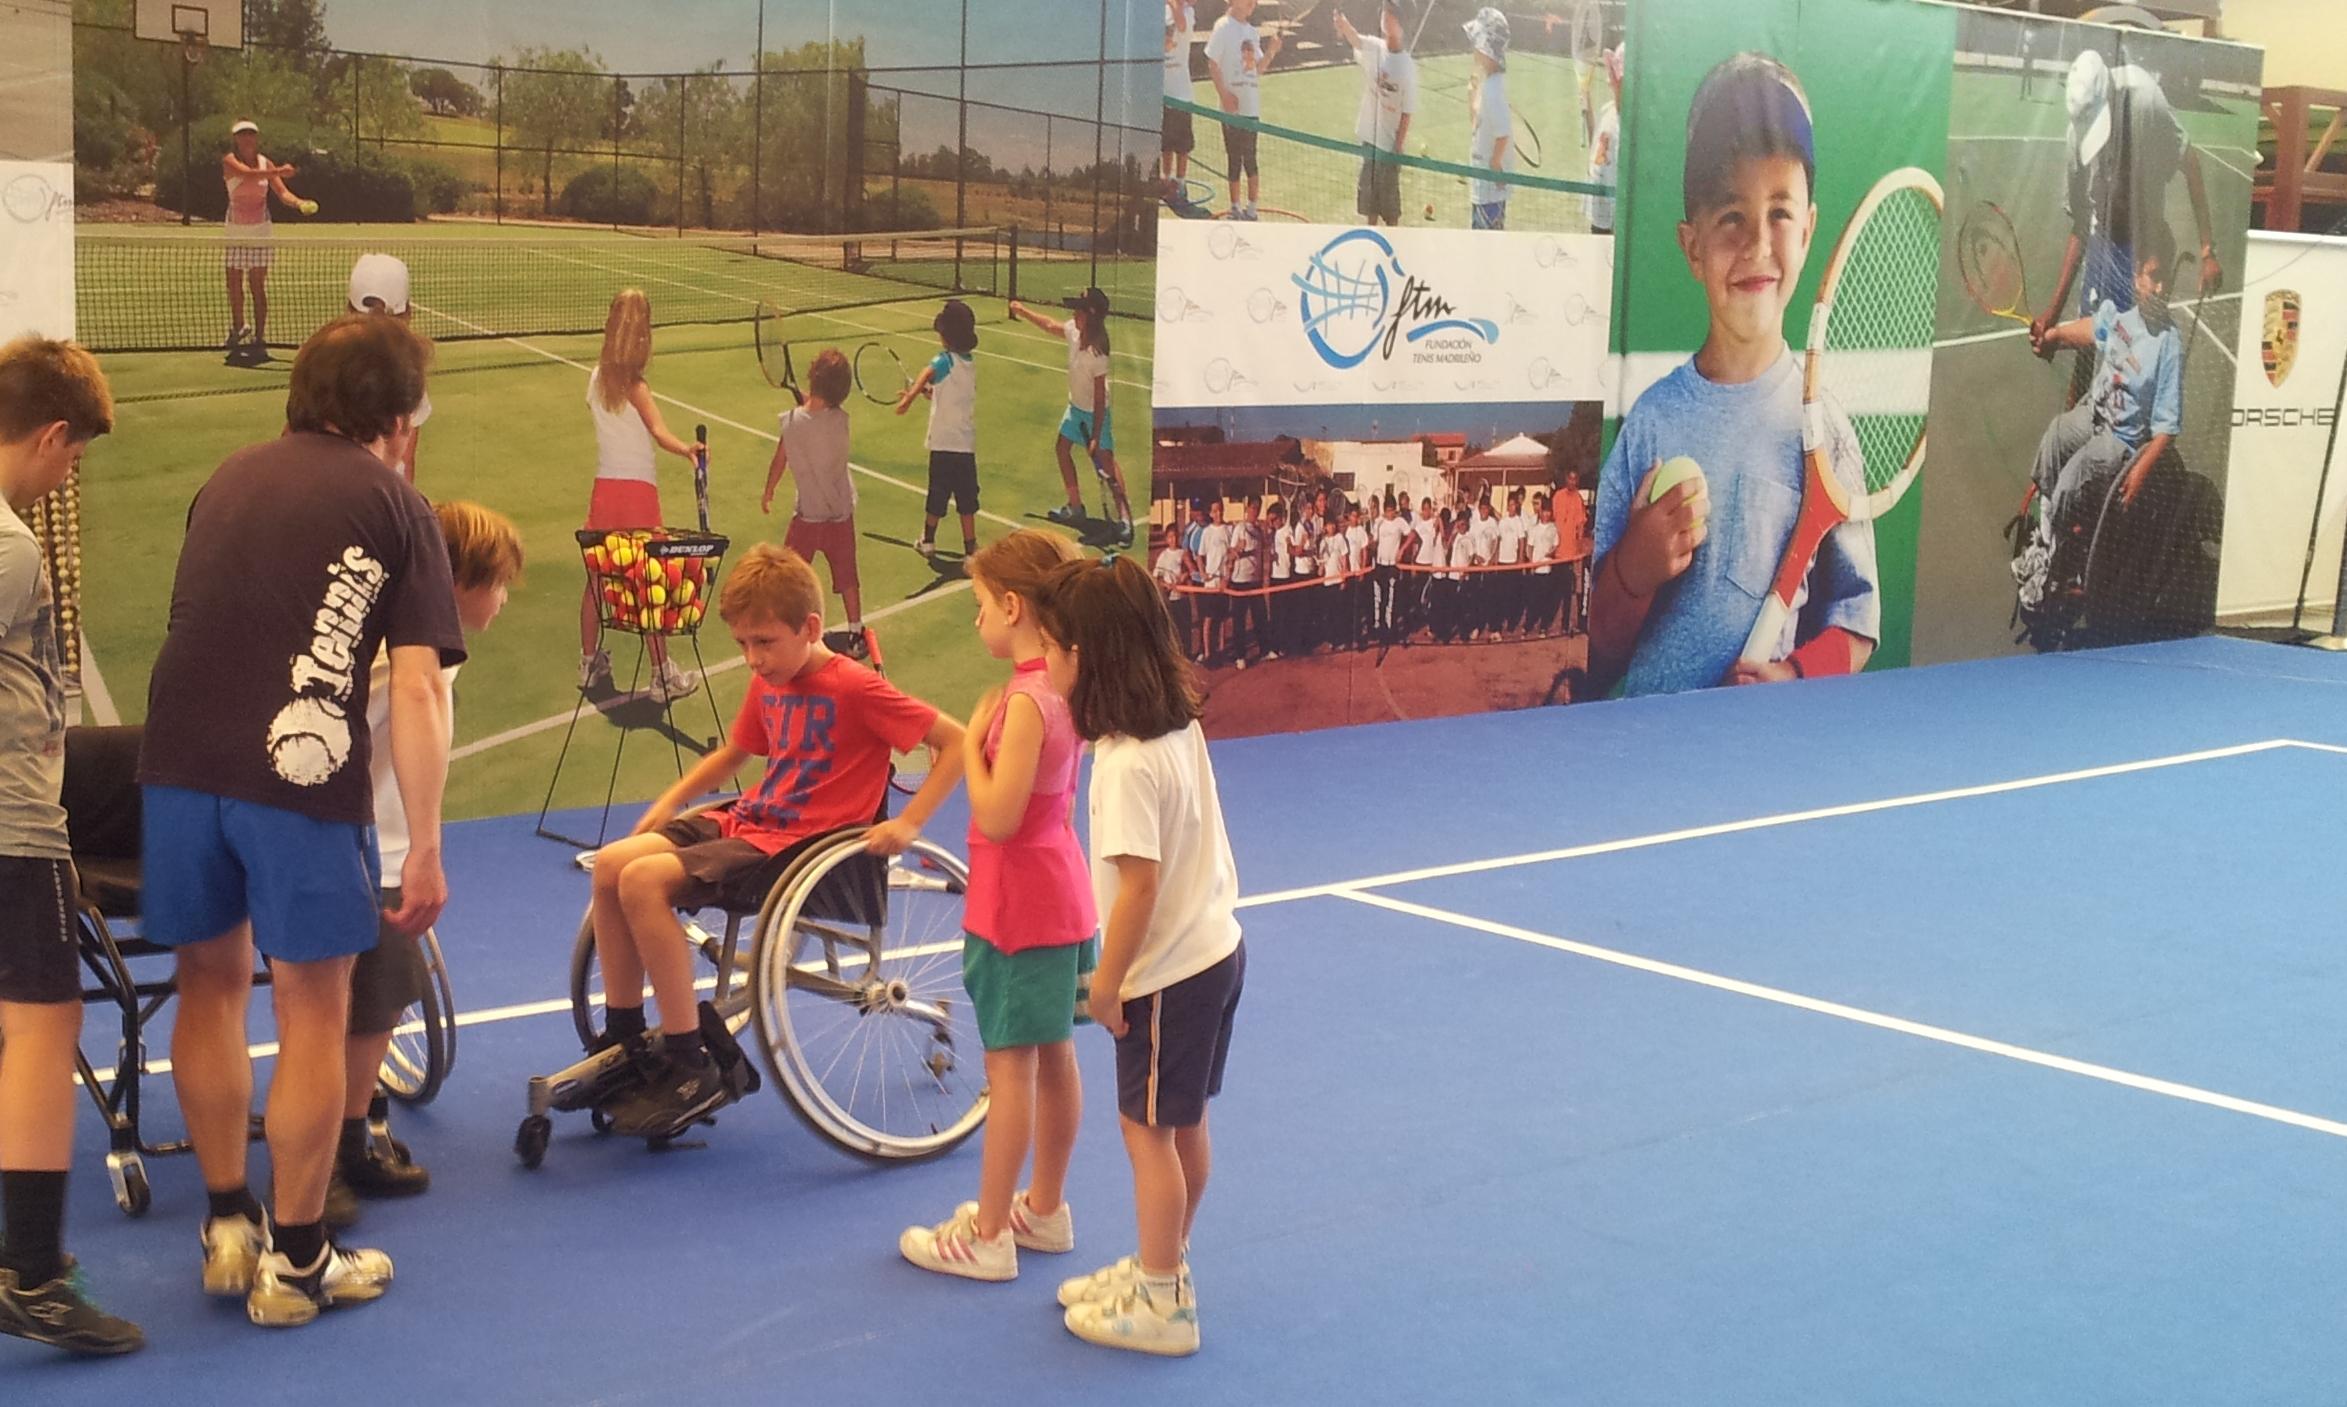 Deporte y solidaridad un plan muy divertido en el centro comercial sexta avenida estilo rus - Deportes en silla de ruedas ...